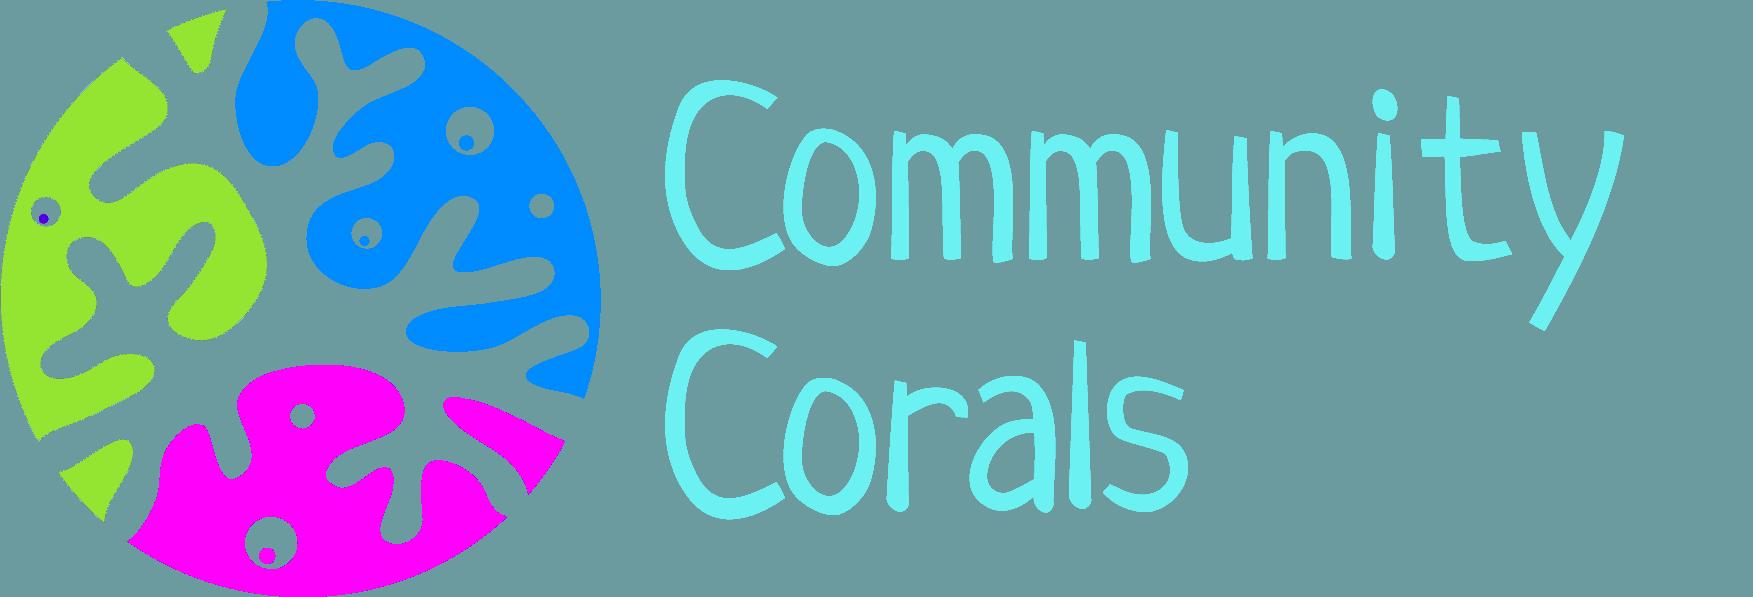 Nachzuchtkorallen, Startseite